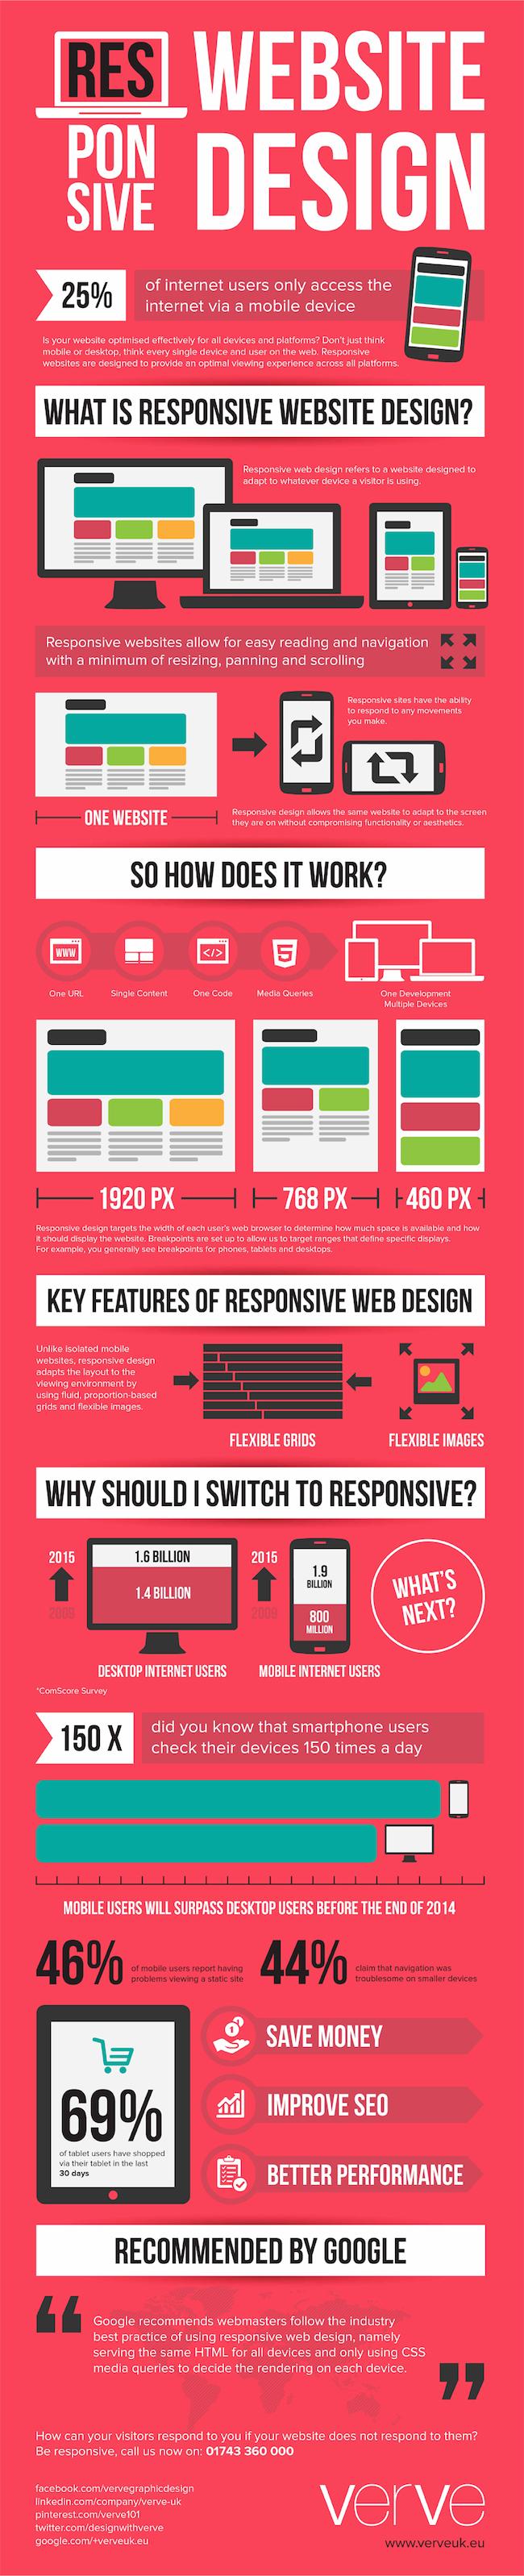 what-is-responsive-website-design-ig